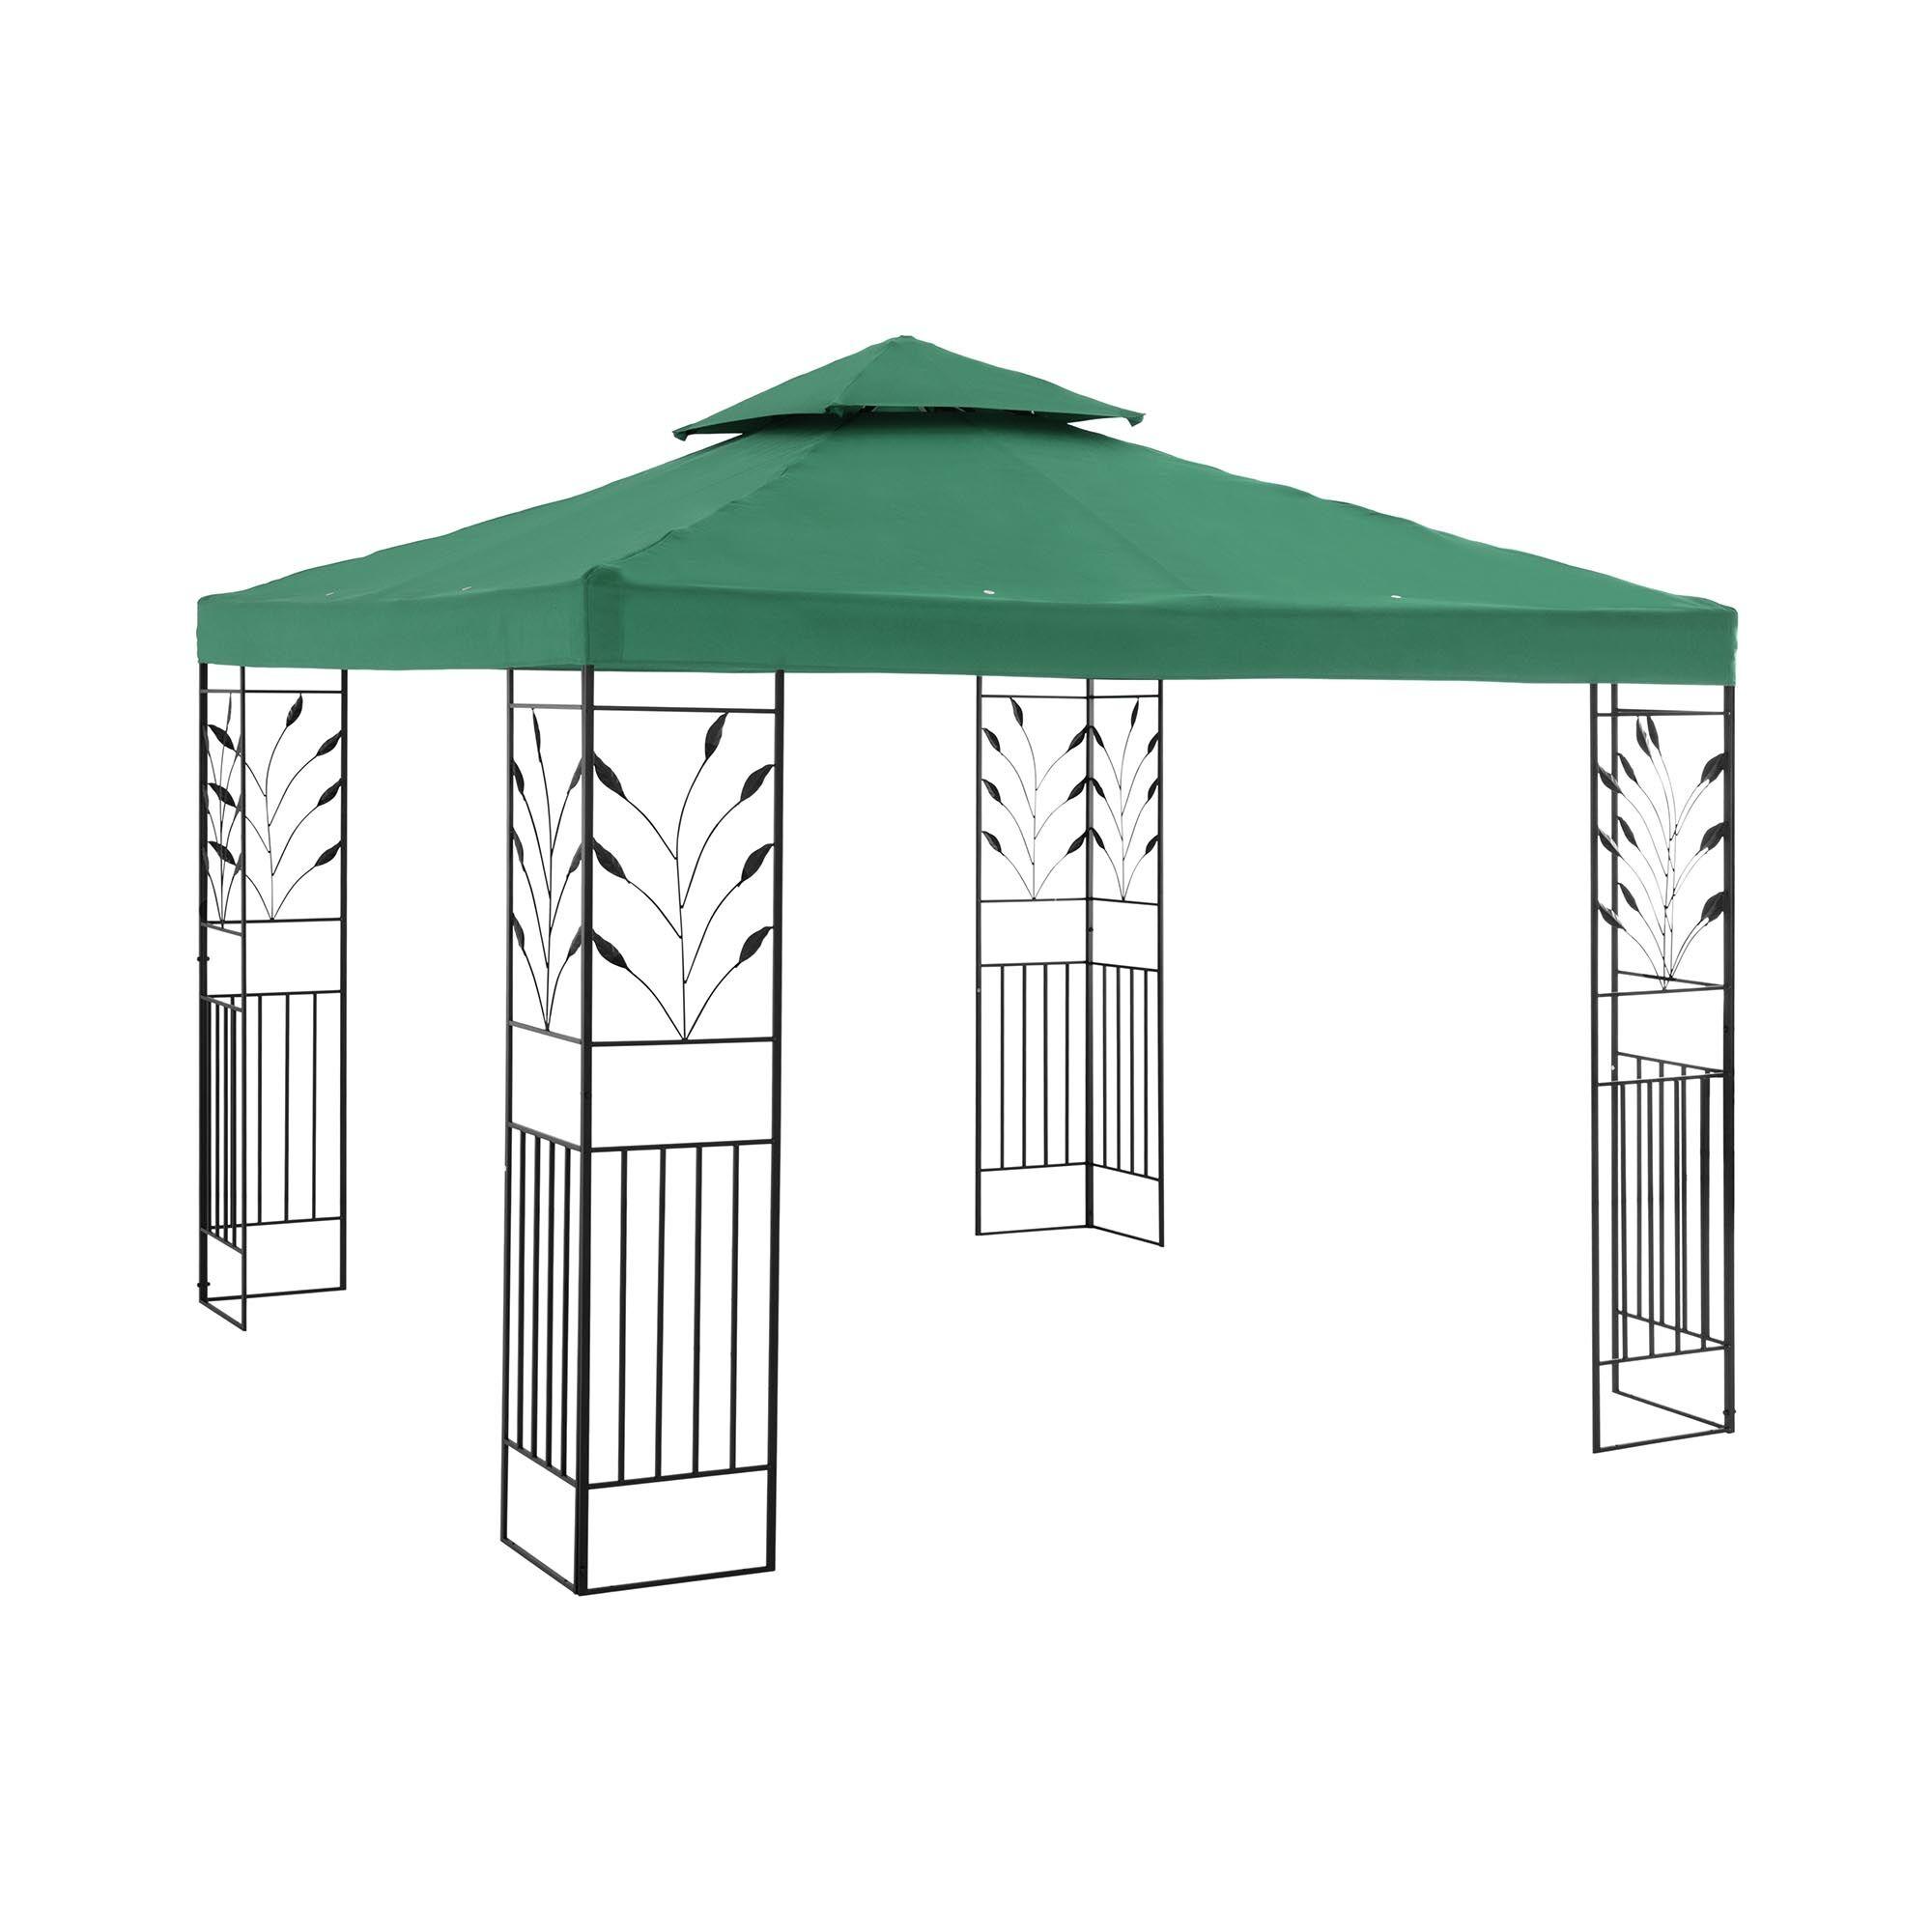 Uniprodo Telt-pavillon - 3 x 3 m - 180 g/m² - mørkegrøn UNI_PERGOLA_3X3G